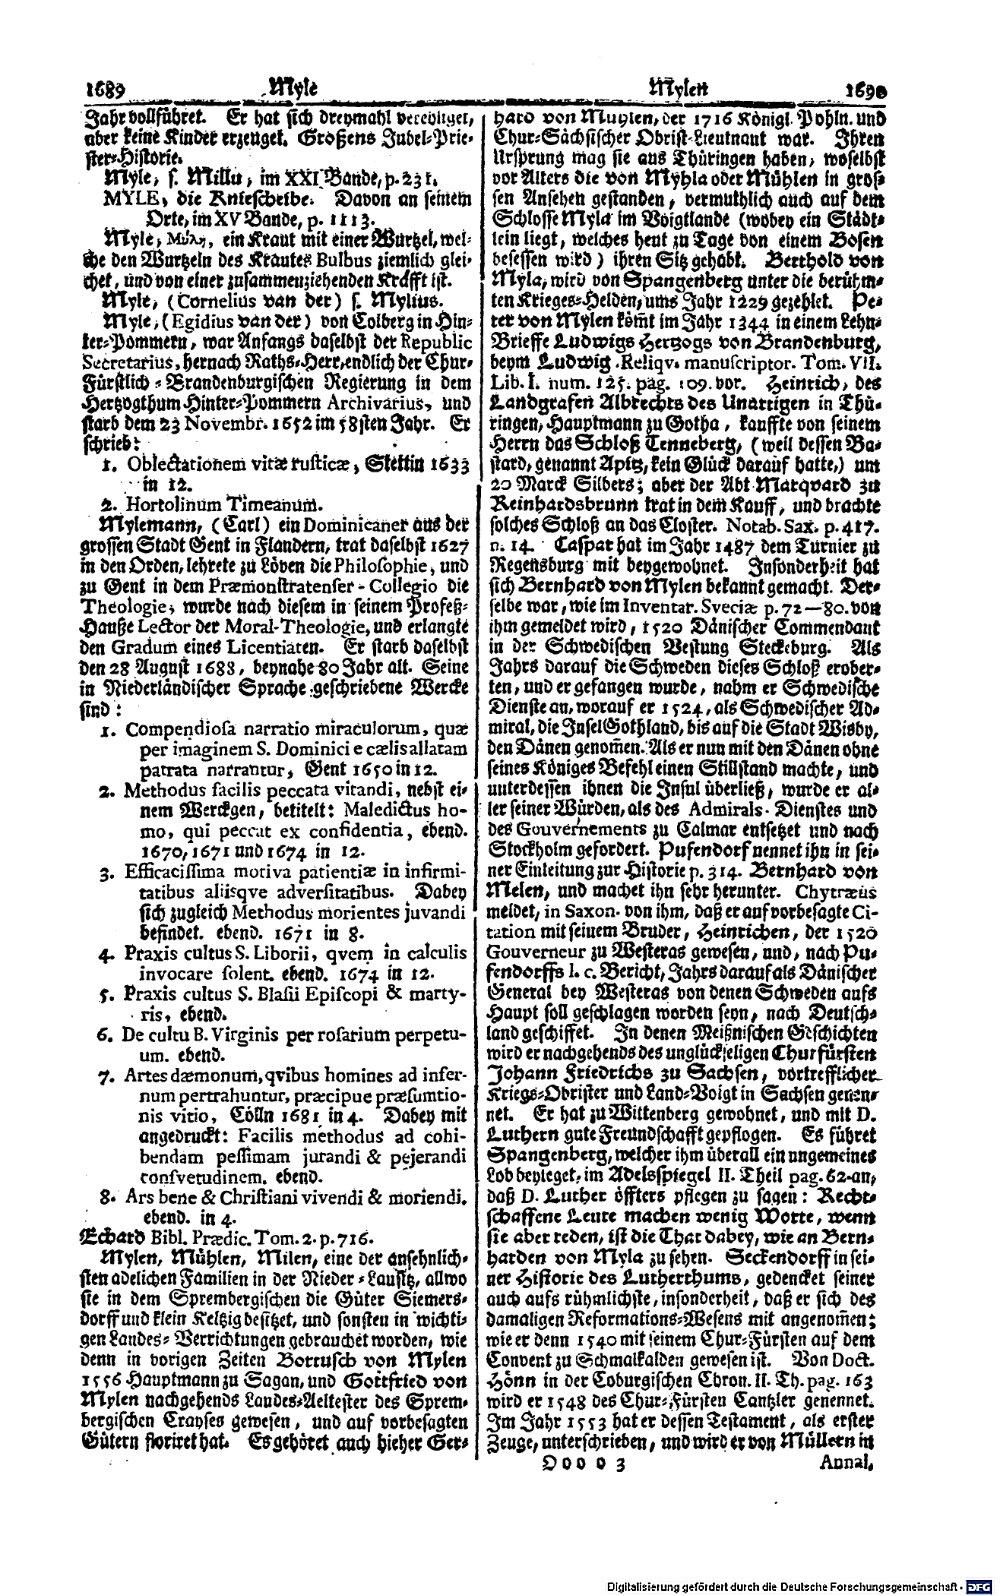 Bd. 22, Seite 0862.